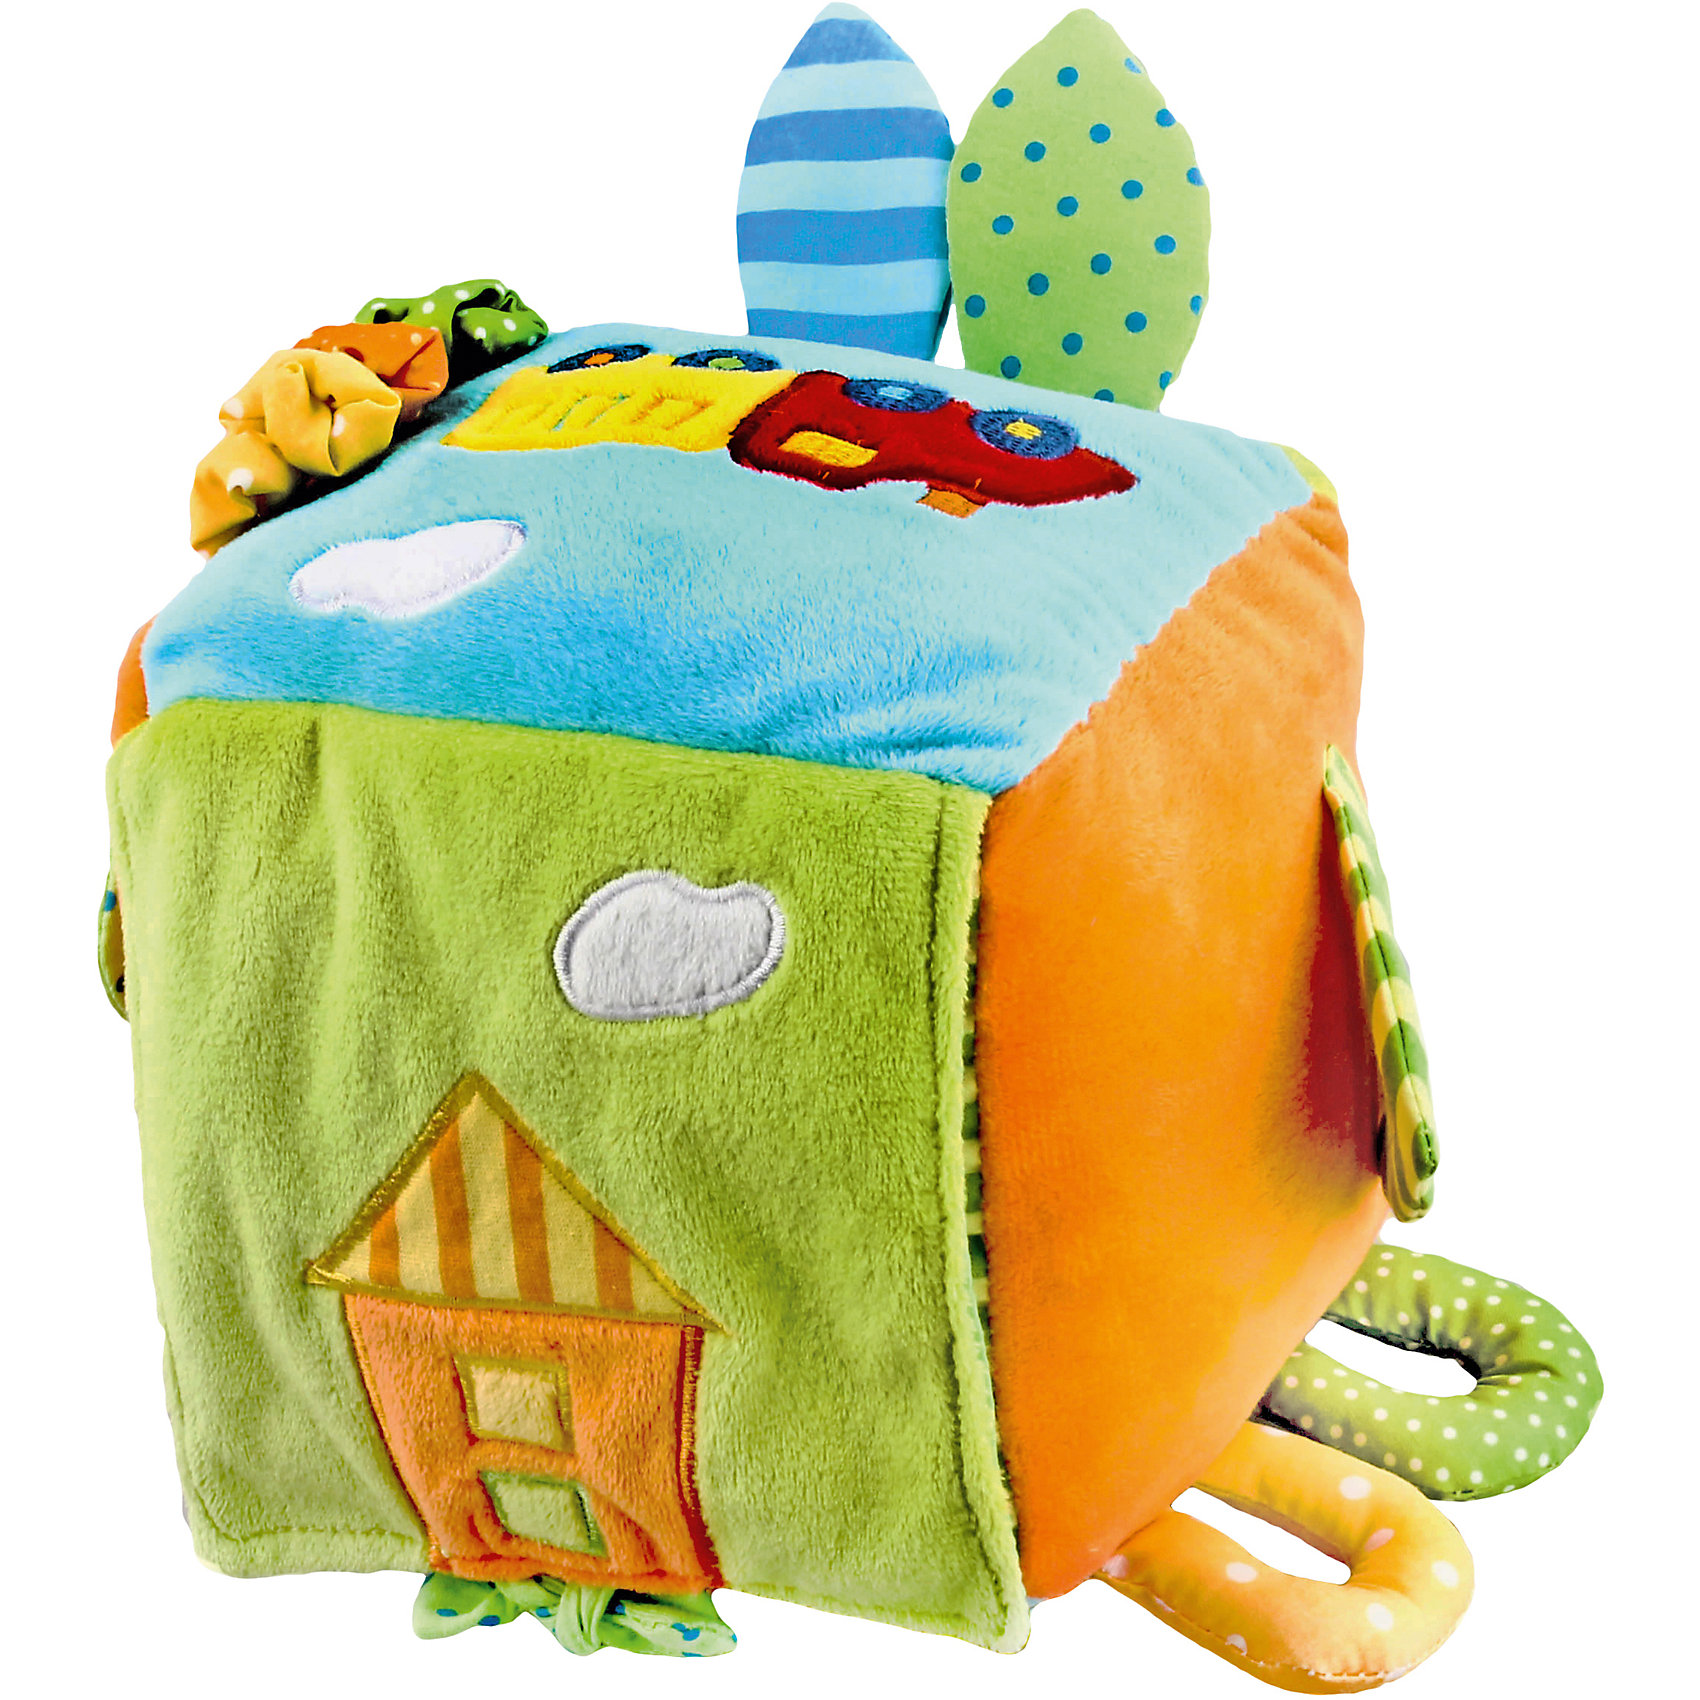 Развивающая игрушка Куб Поезд, ЖирафикиРазвивающие игрушки<br>Развивающие игрушки должны быть у каждого малыша. Такие игрушки будут не только развивать способности малыша во время веселой игры, но и радовать глаз, потому что современные развивающие модели красивые и обладают стильным дизайном. Новая игрушка «Куб Поезд» - мягкая игрушка, которая издает звуки, ели ее потрясти. Есть завязочки, которые развивают тактильные ощущения. Тренирует слух и улучшает мелкую моторику малыша. Материалы, использованные при изготовлении товара, абсолютно безопасны и отвечают всем международным требованиям по качеству.<br><br>Дополнительные характеристики:<br><br>материал: текстиль;<br>цвет: разноцветный;<br>габариты: 20 X 16 X 30 см.<br><br>Развивающую игрушку  Куб Поезд от компании Жирафики можно приобрести в нашем магазине.<br><br>Ширина мм: 620<br>Глубина мм: 720<br>Высота мм: 560<br>Вес г: 264<br>Возраст от месяцев: 3<br>Возраст до месяцев: 36<br>Пол: Унисекс<br>Возраст: Детский<br>SKU: 5032560